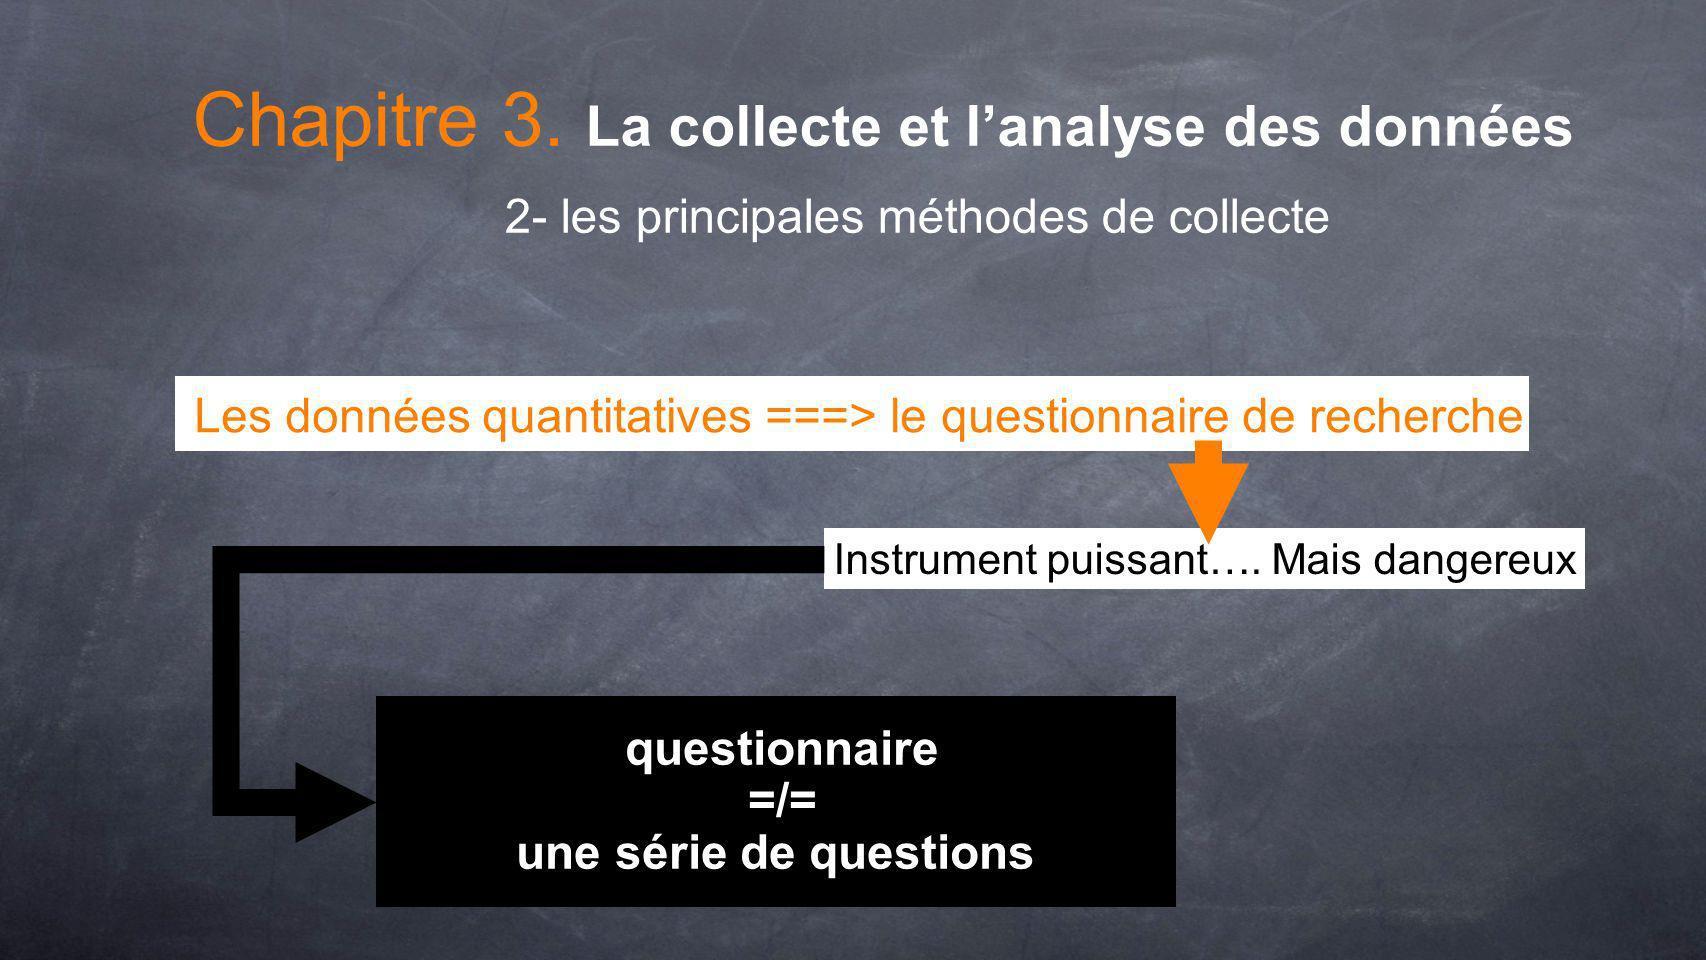 Les données quantitatives ===> le questionnaire de recherche questionnaire =/= une série de questions 2- les principales méthodes de collecte Chapitre